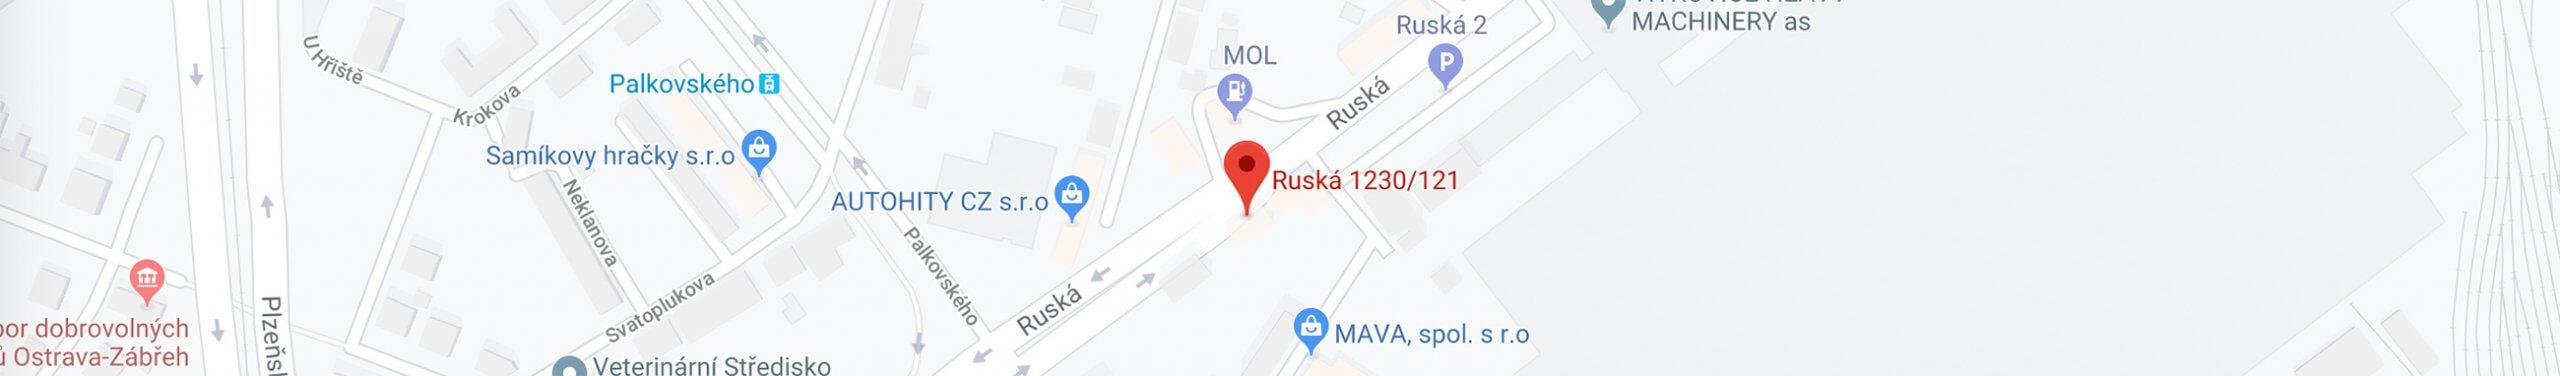 ruska 1230 ostrava vitkovice penzion padre